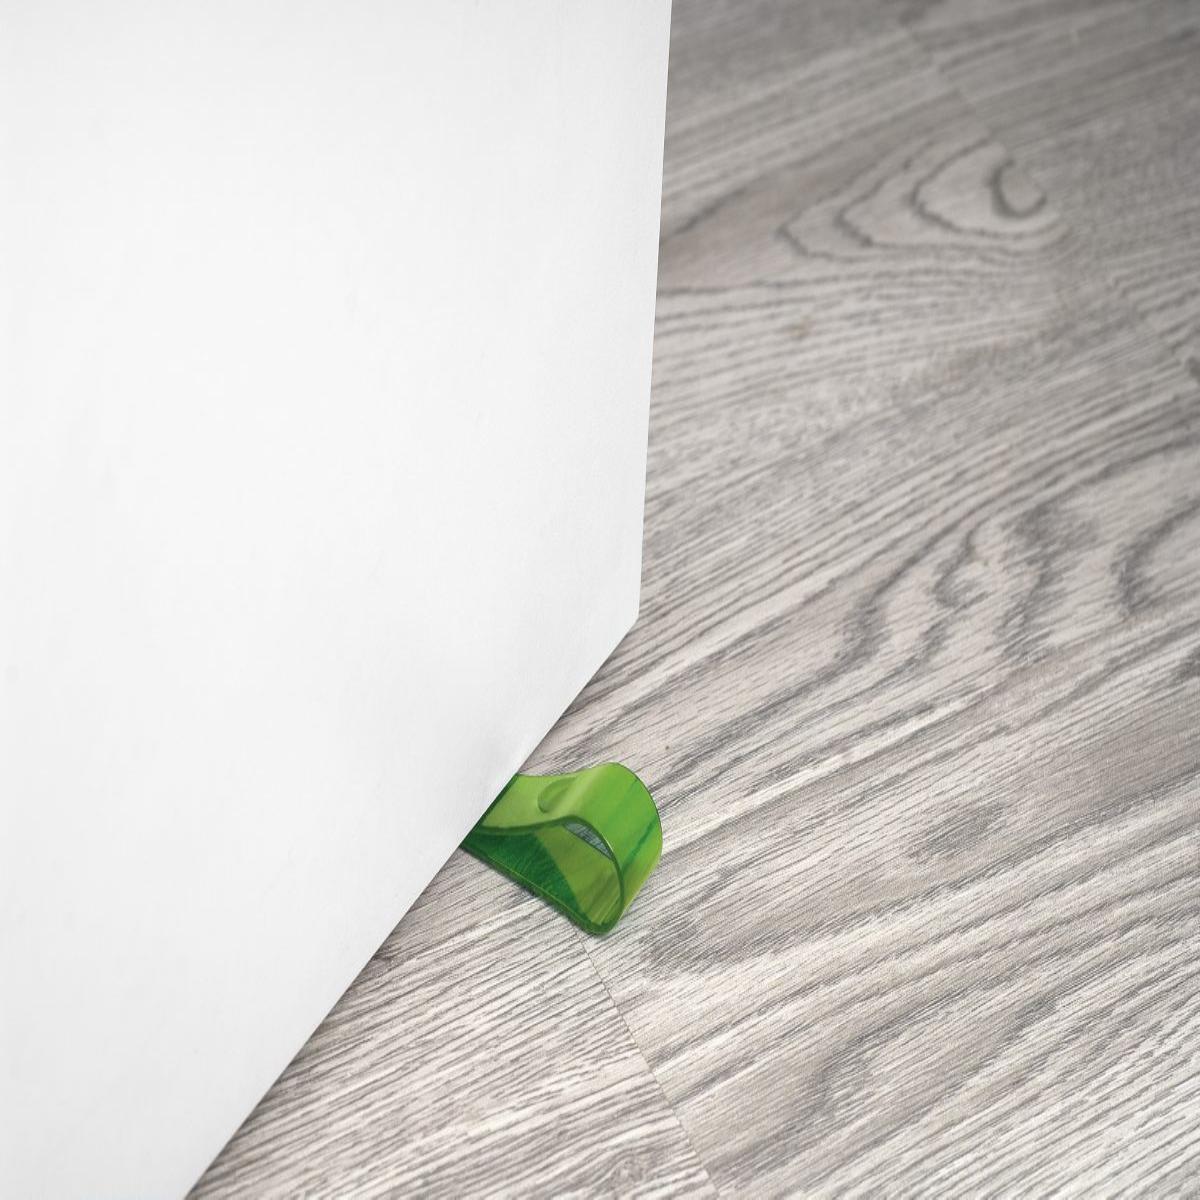 Consigli pratici come bloccare le porte di casa - Porta tocca pavimento ...